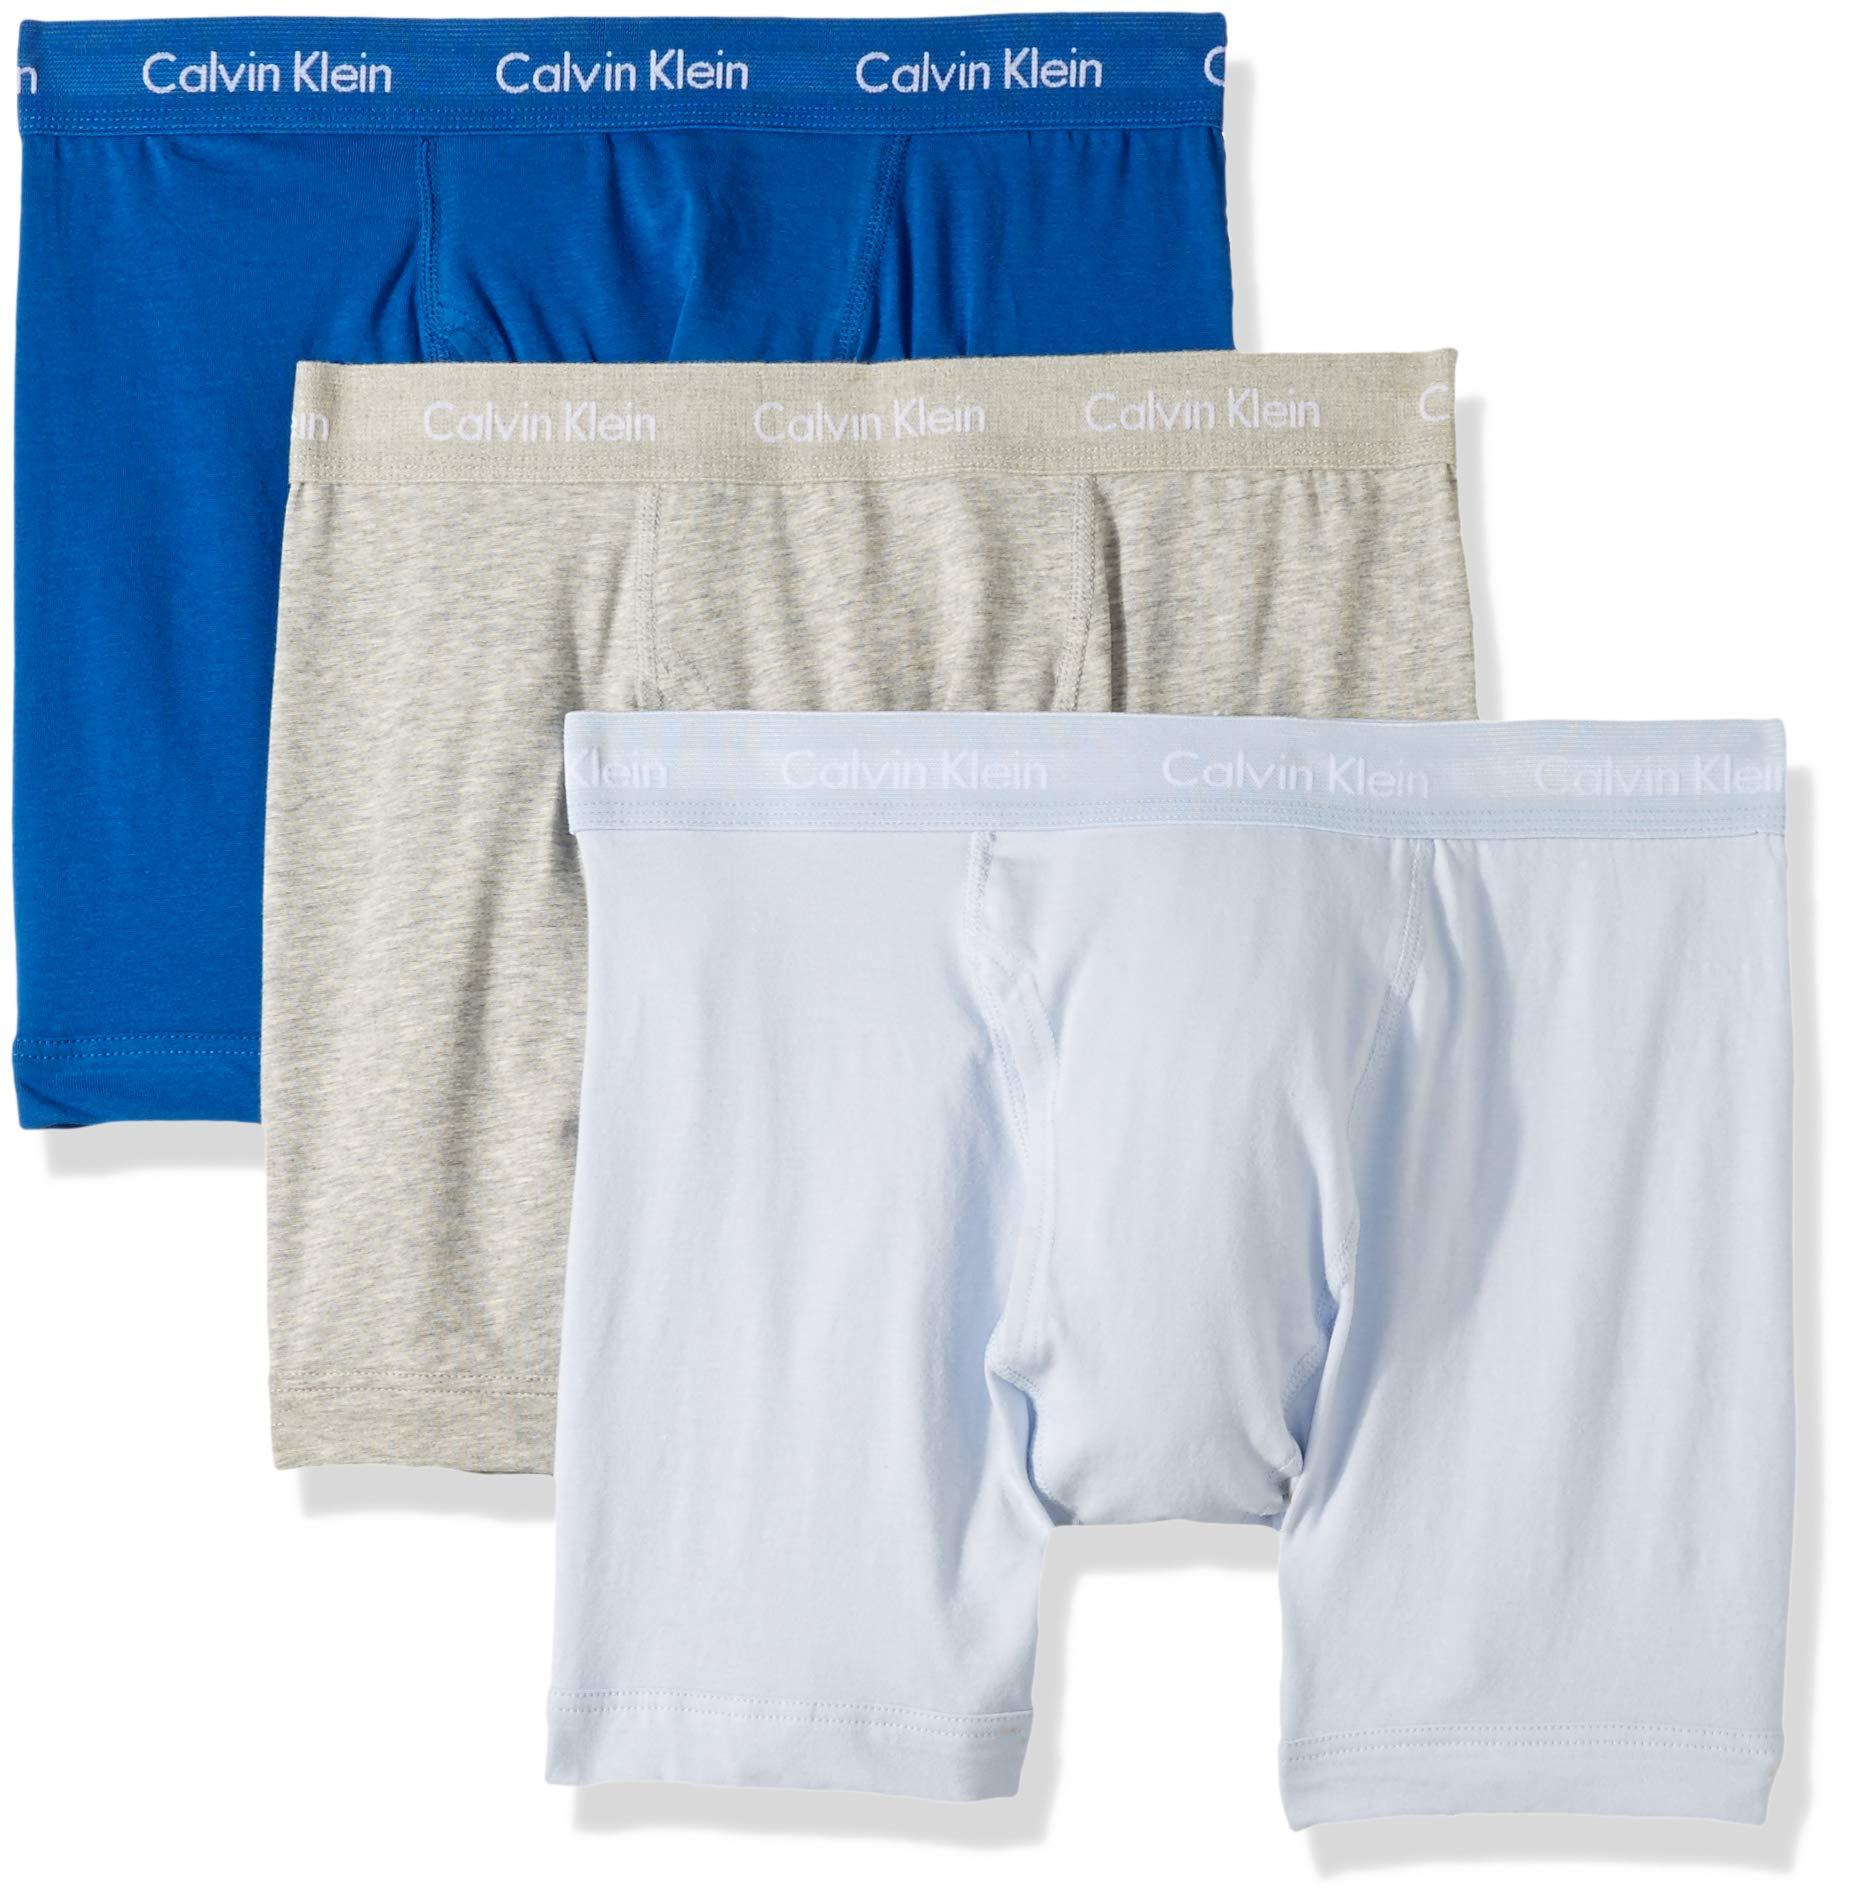 Calvin Klein Men's Cotton Stretch Multipack Boxer Briefs, Grey Heather/Wisdom/Neptune, XL by Calvin Klein